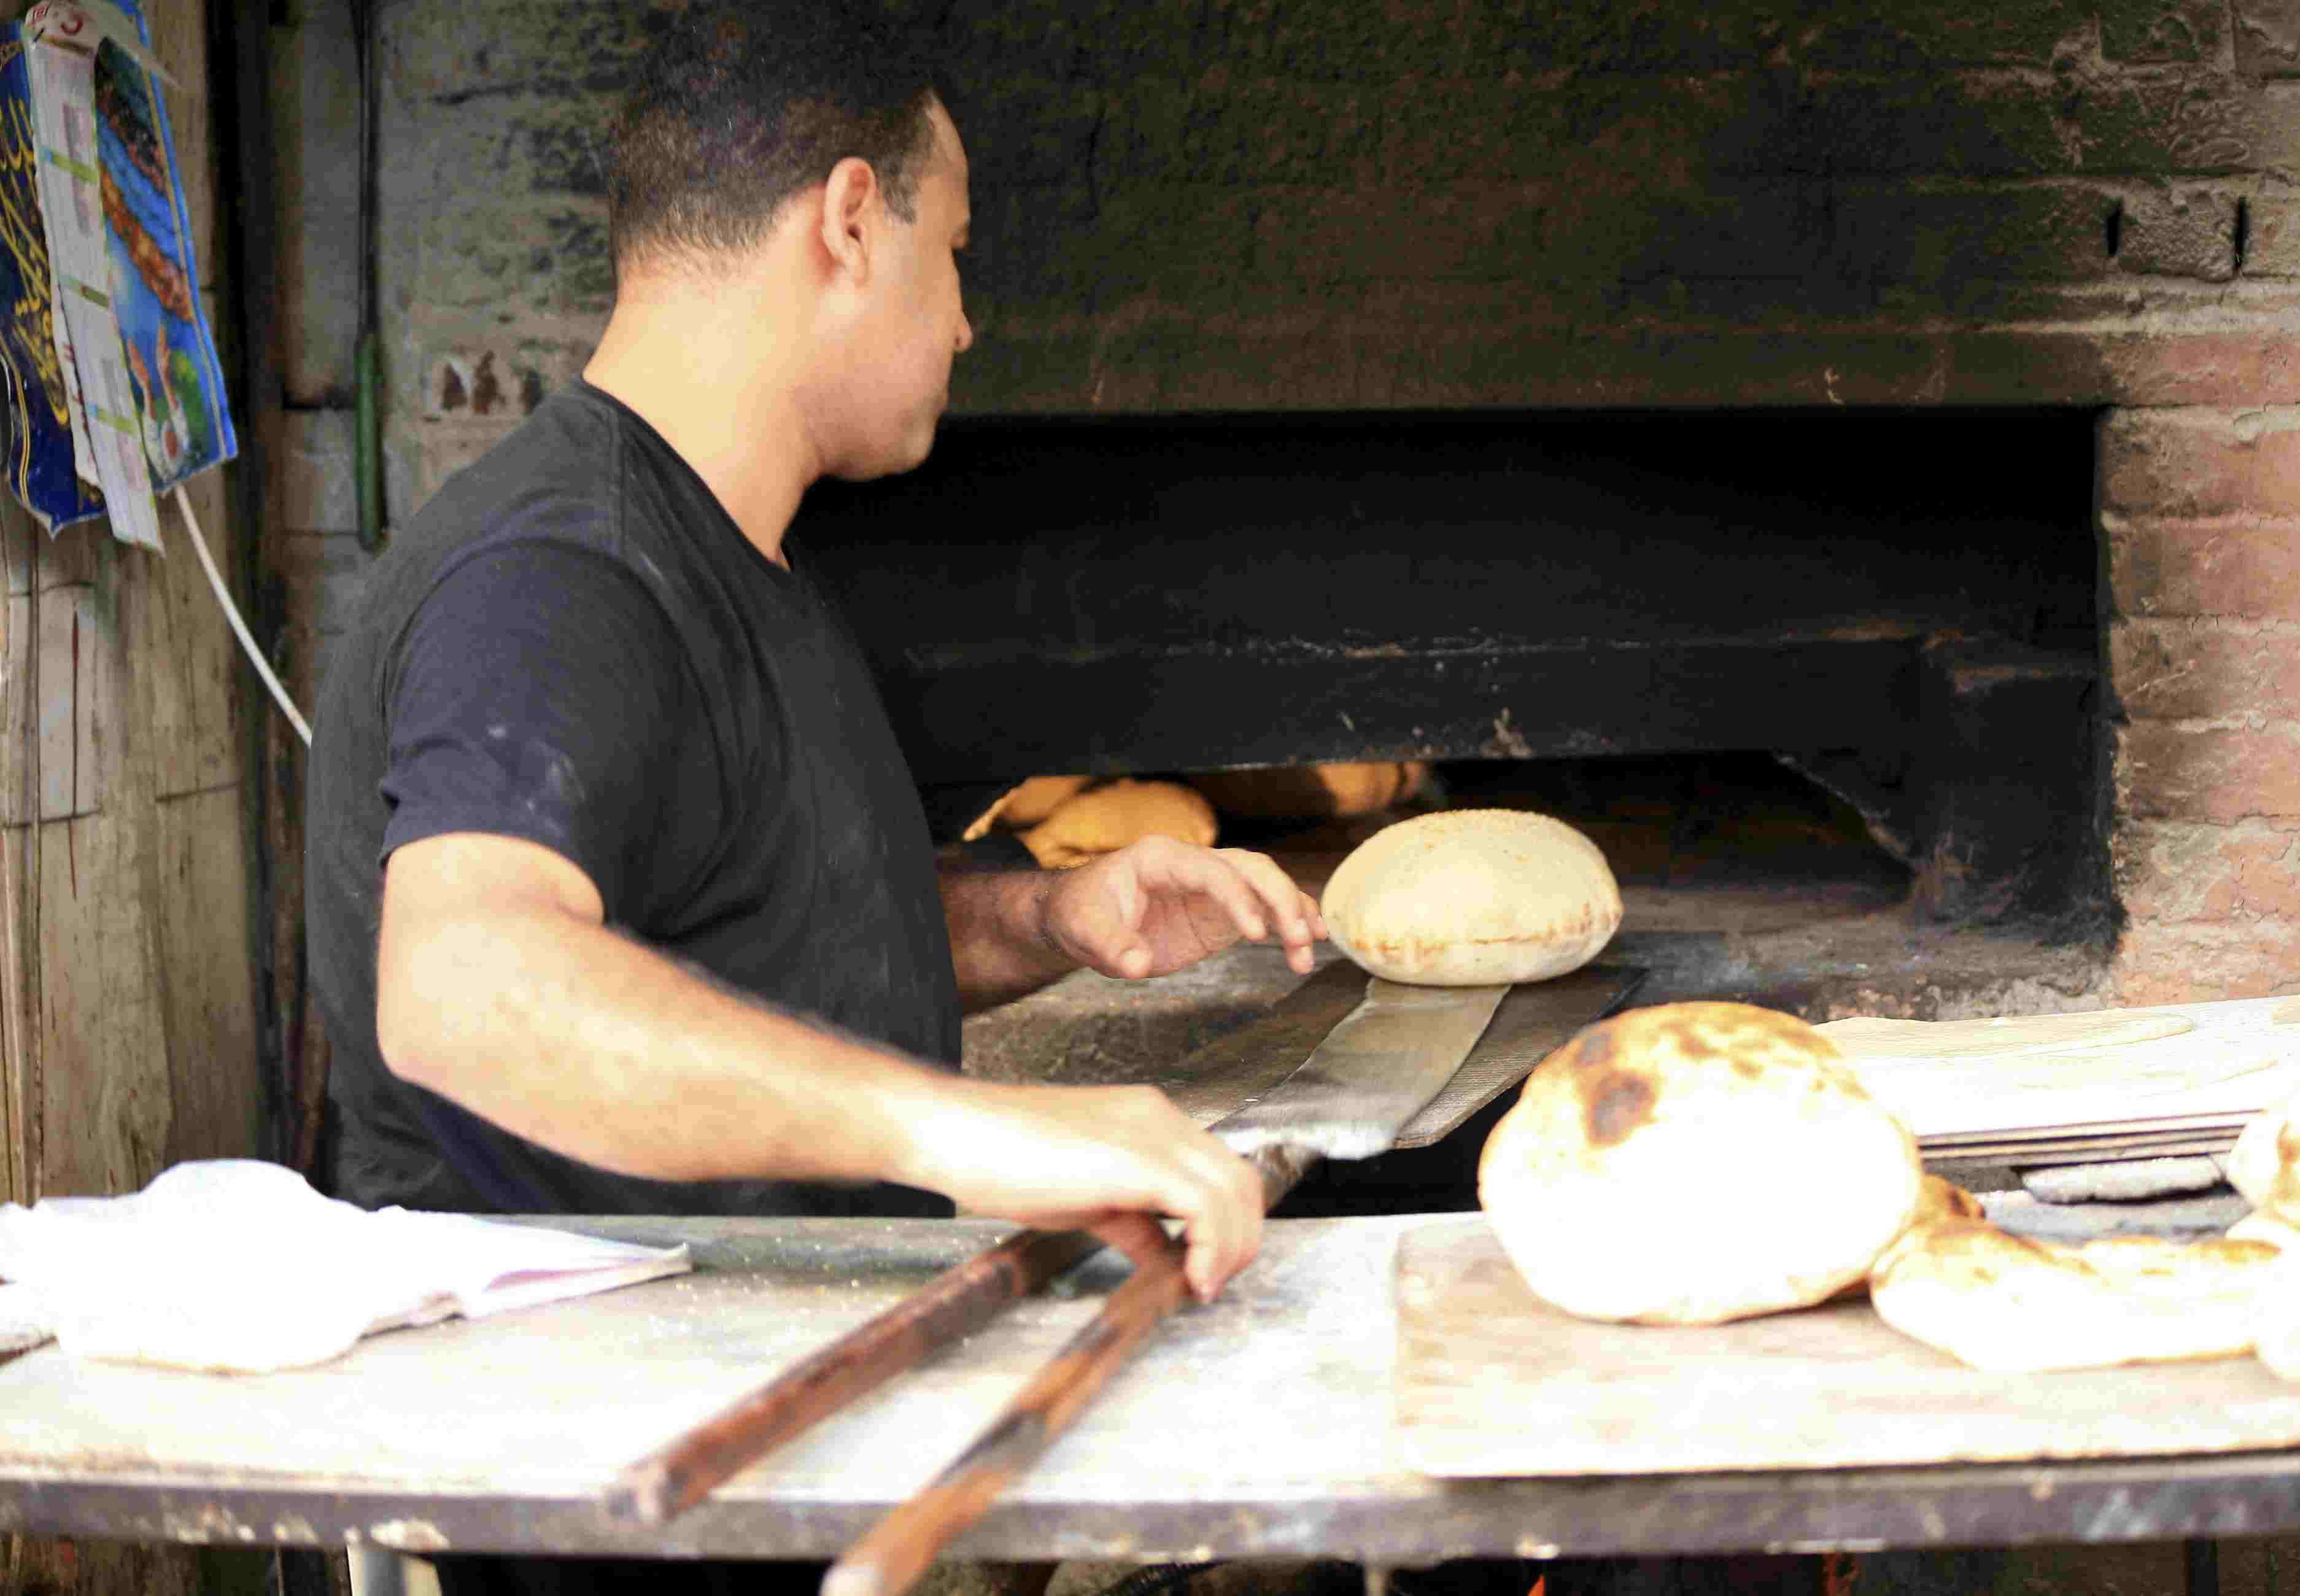 Panadero sacando pan de un horno.